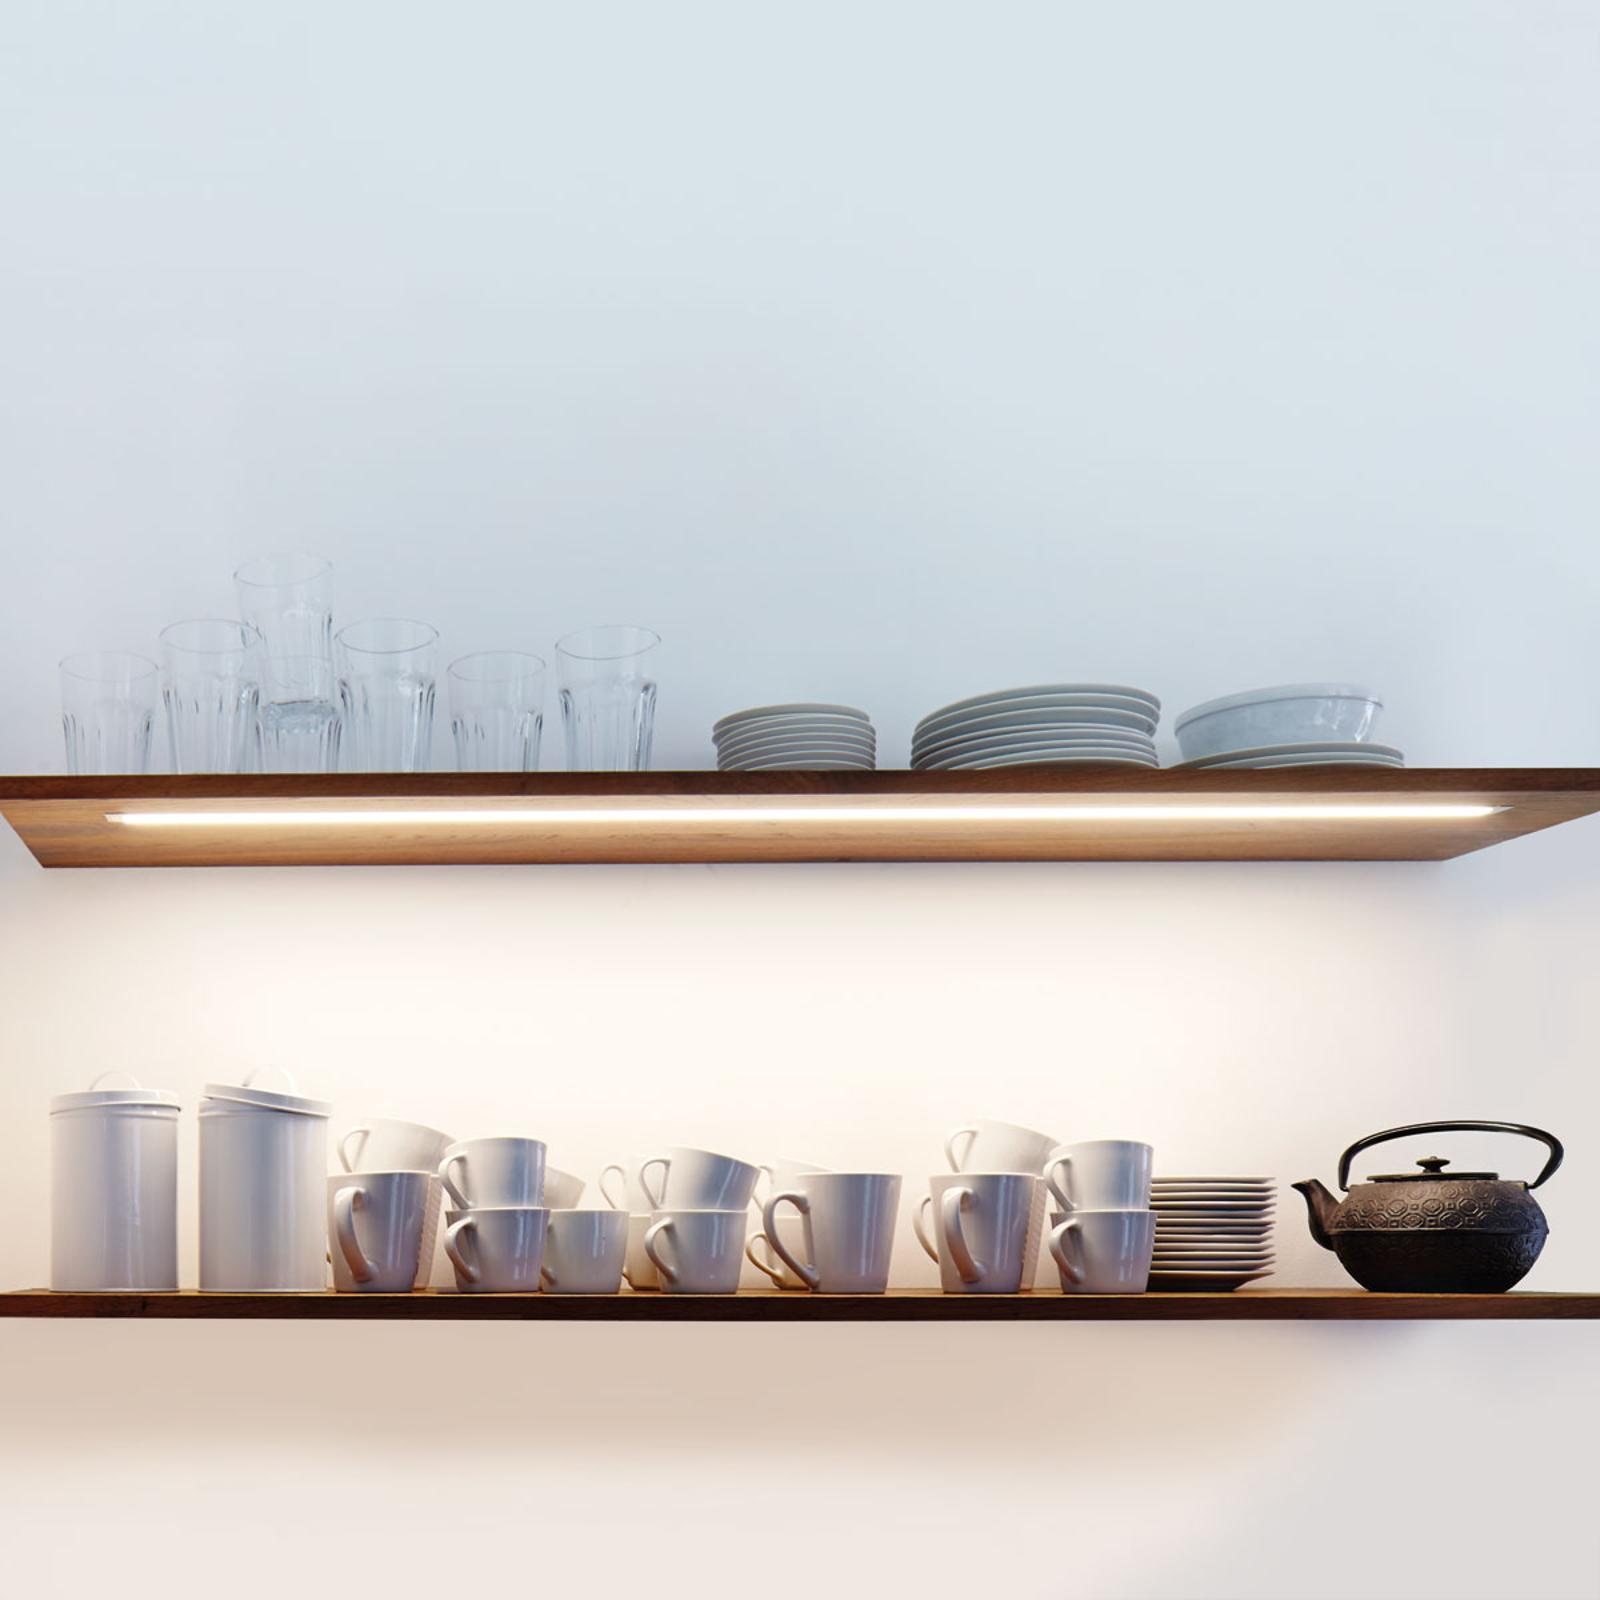 IN-Stick SF slank LED-indbygningslampe - 53cm lang